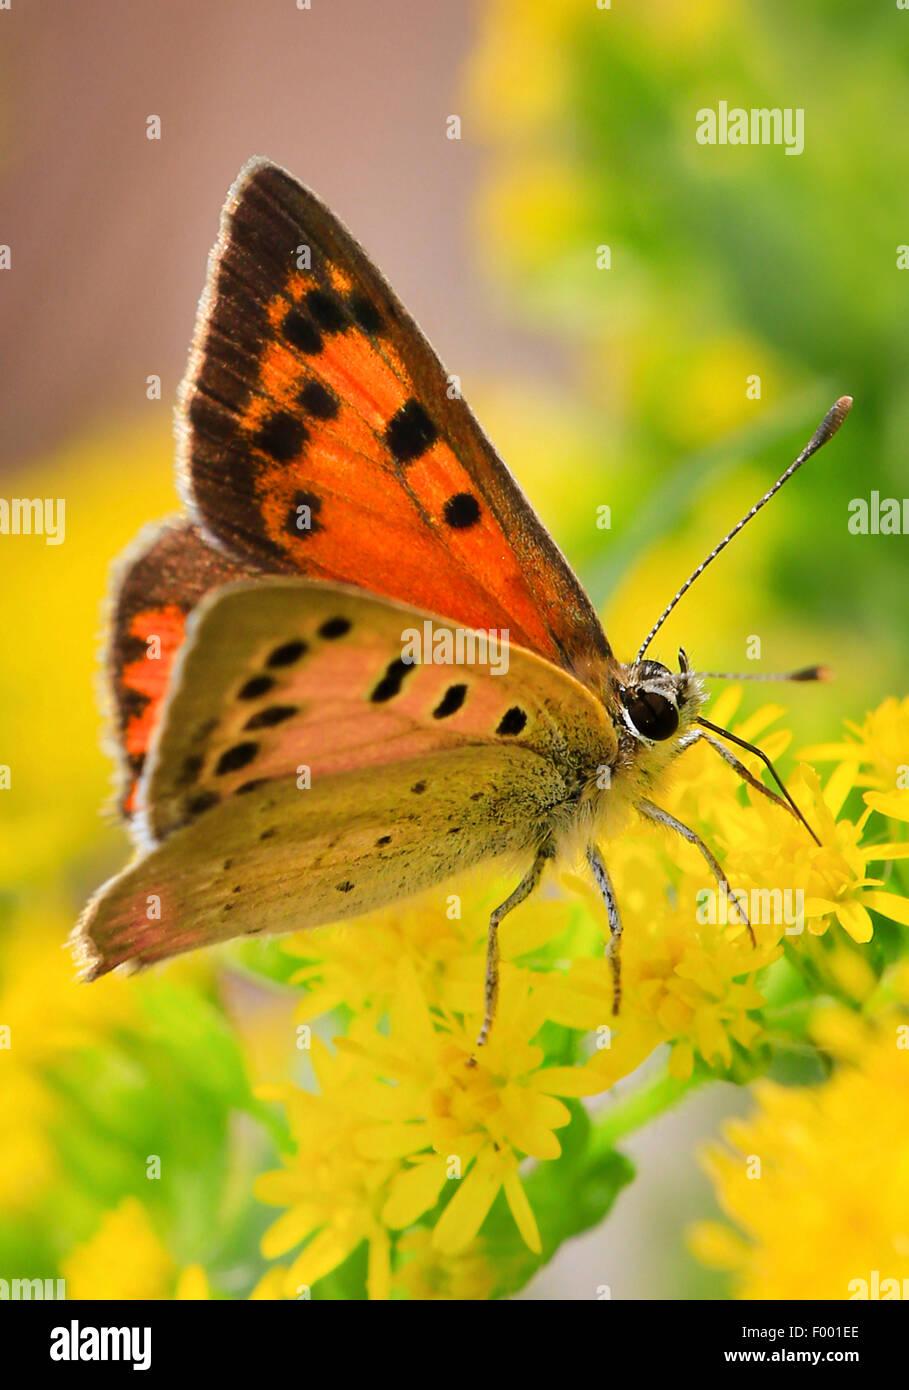 Cobre (Lycaena phlaeas pequeños, Chrysophanus phlaeas), succionar el néctar de las flores amarillas, Alemania Imagen De Stock